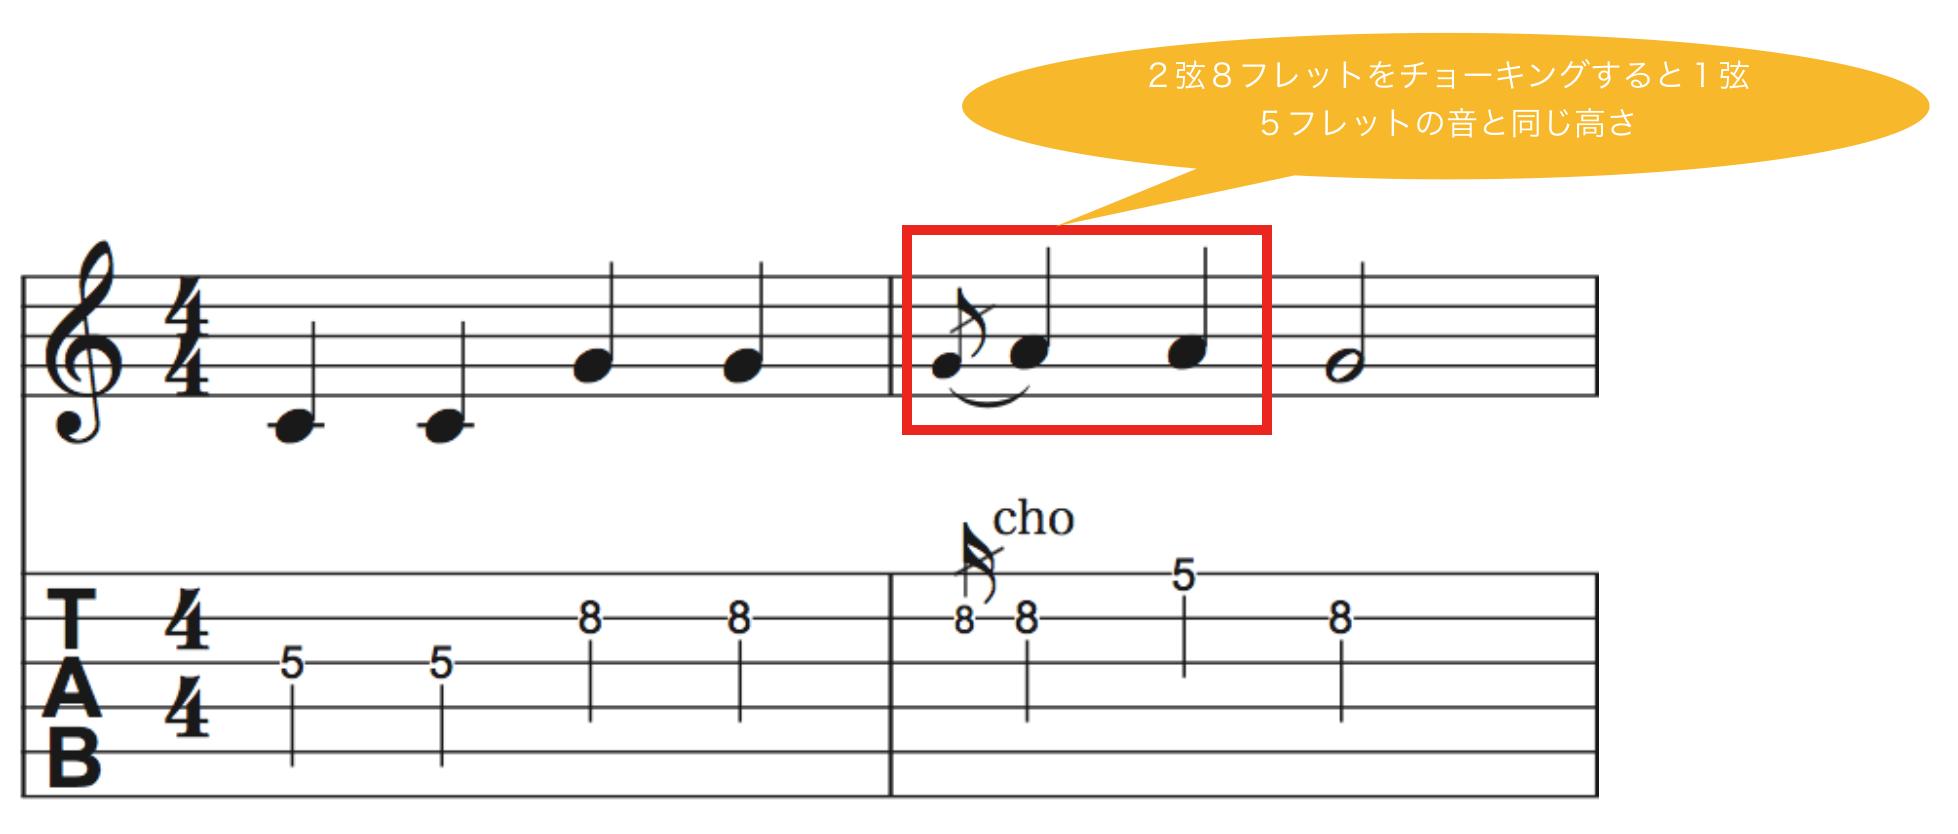 曲 簡単 な エレキ ギター